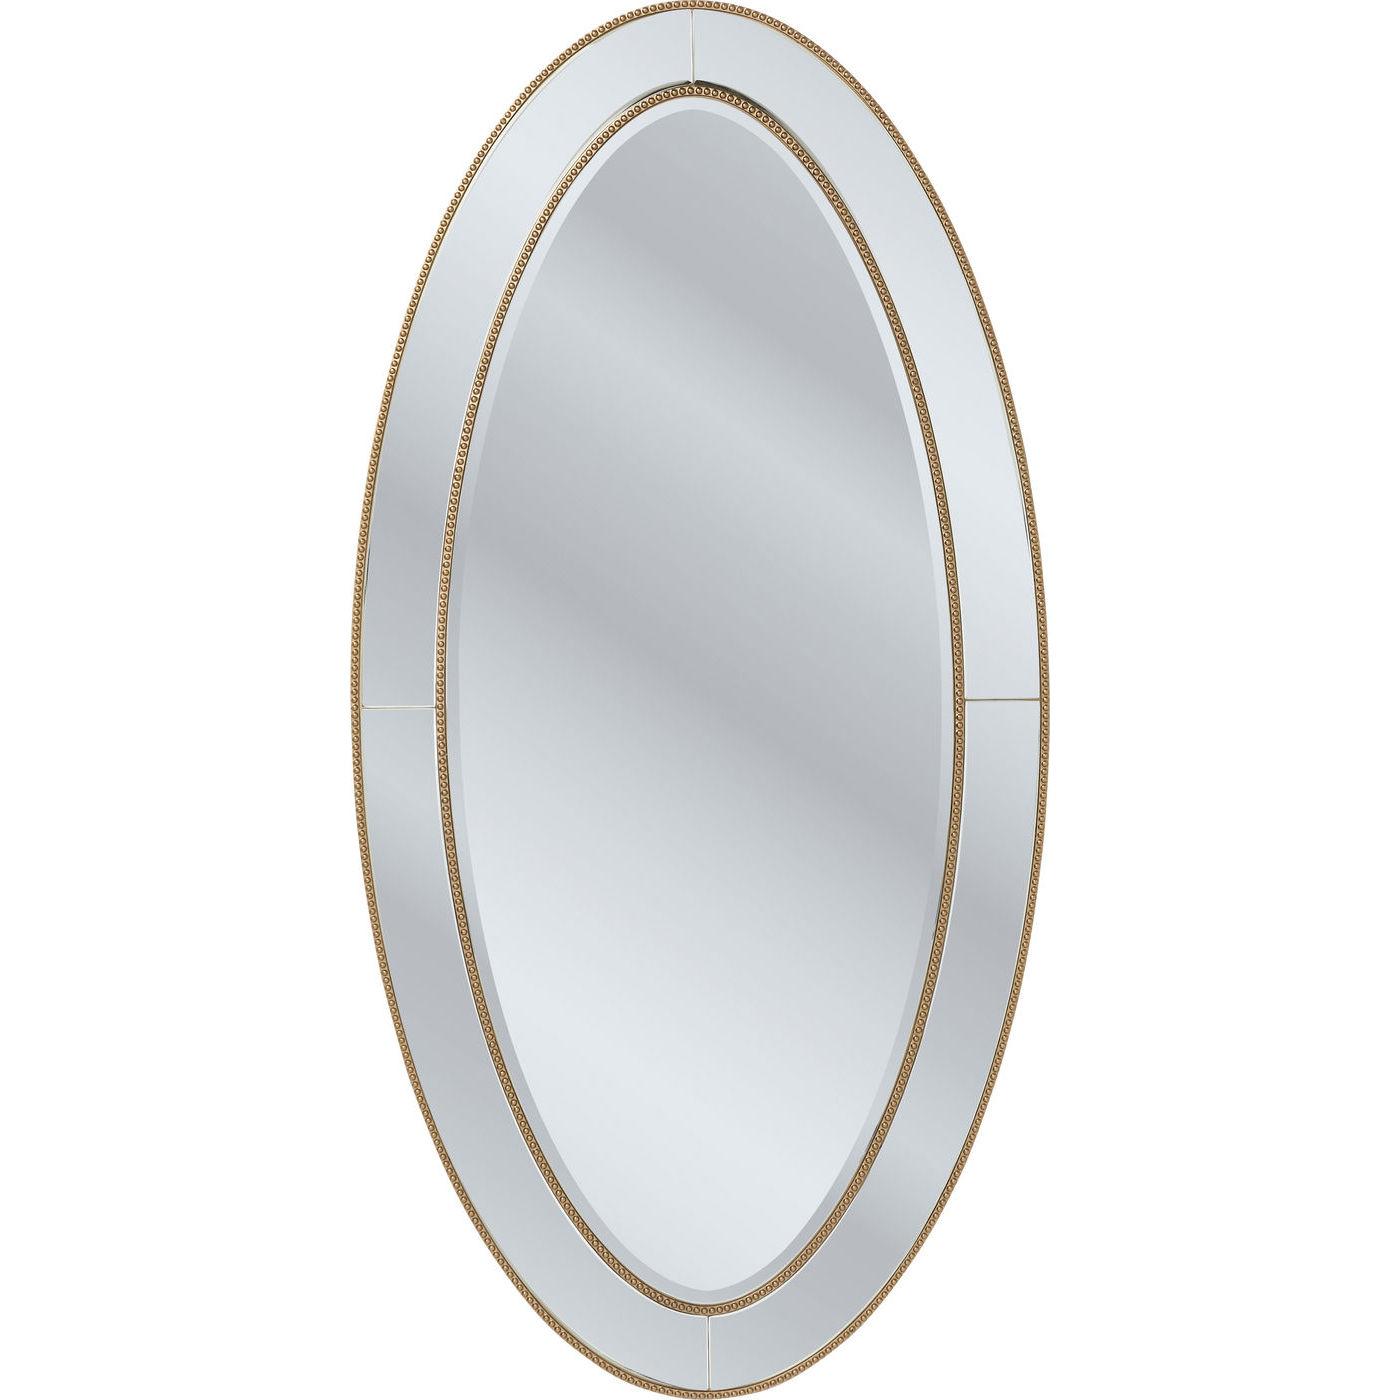 Billede af Kare Design Spejl, Elite Oval 180x90cm